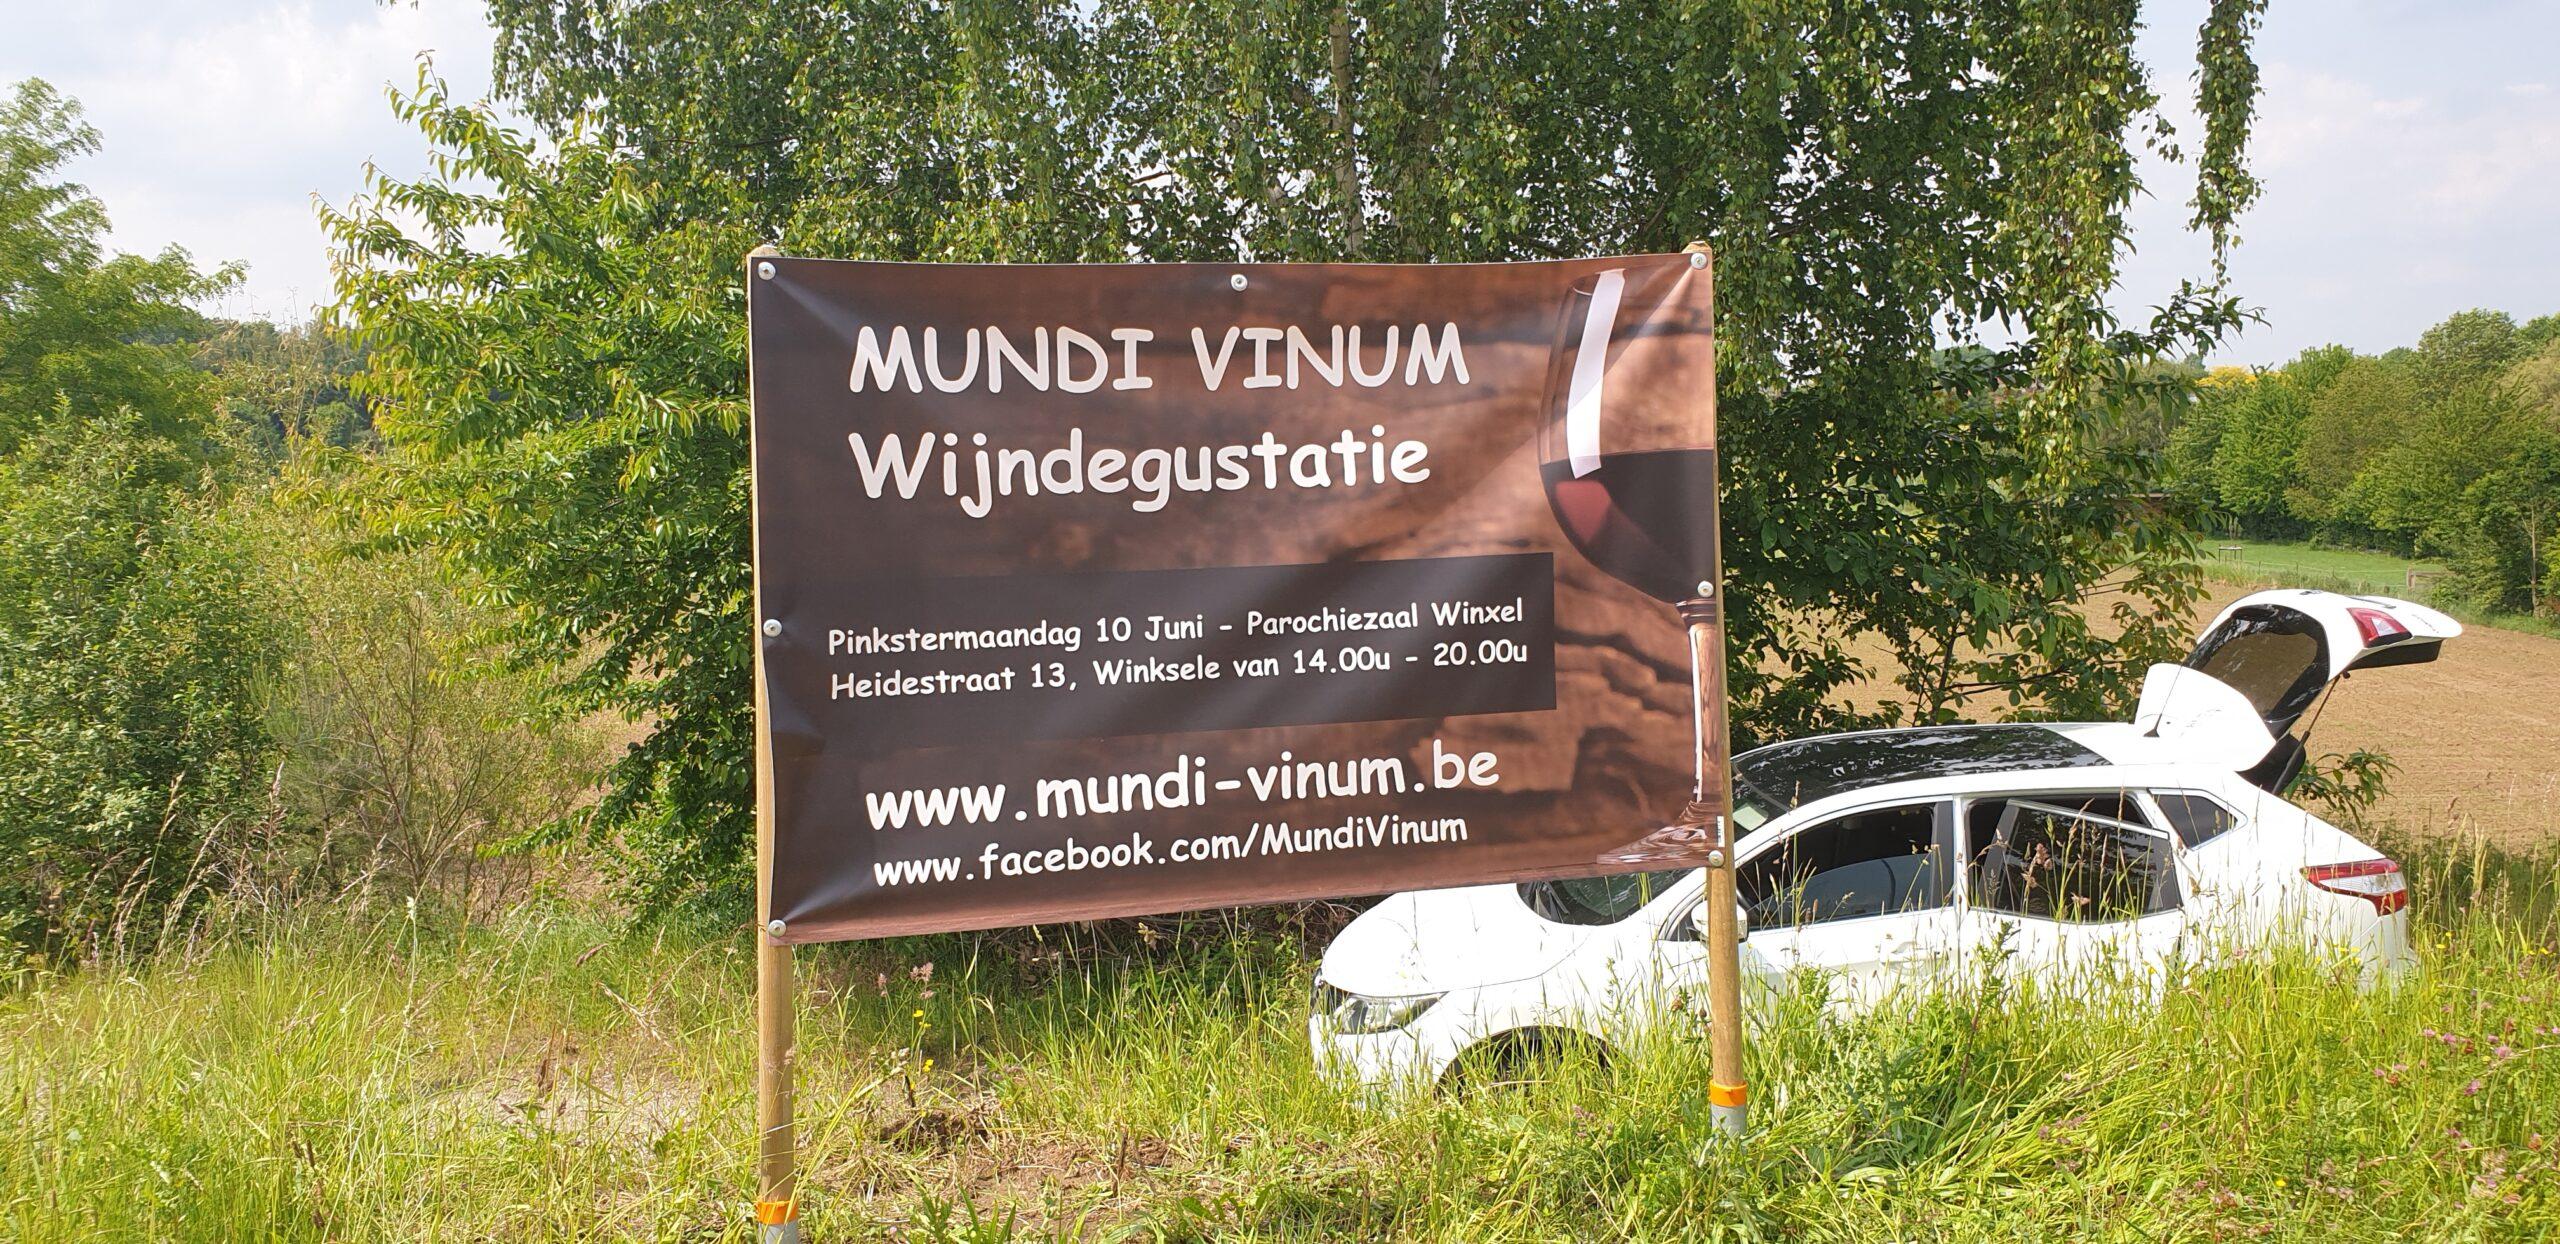 lekkere wijnen prijs/kwaliteit